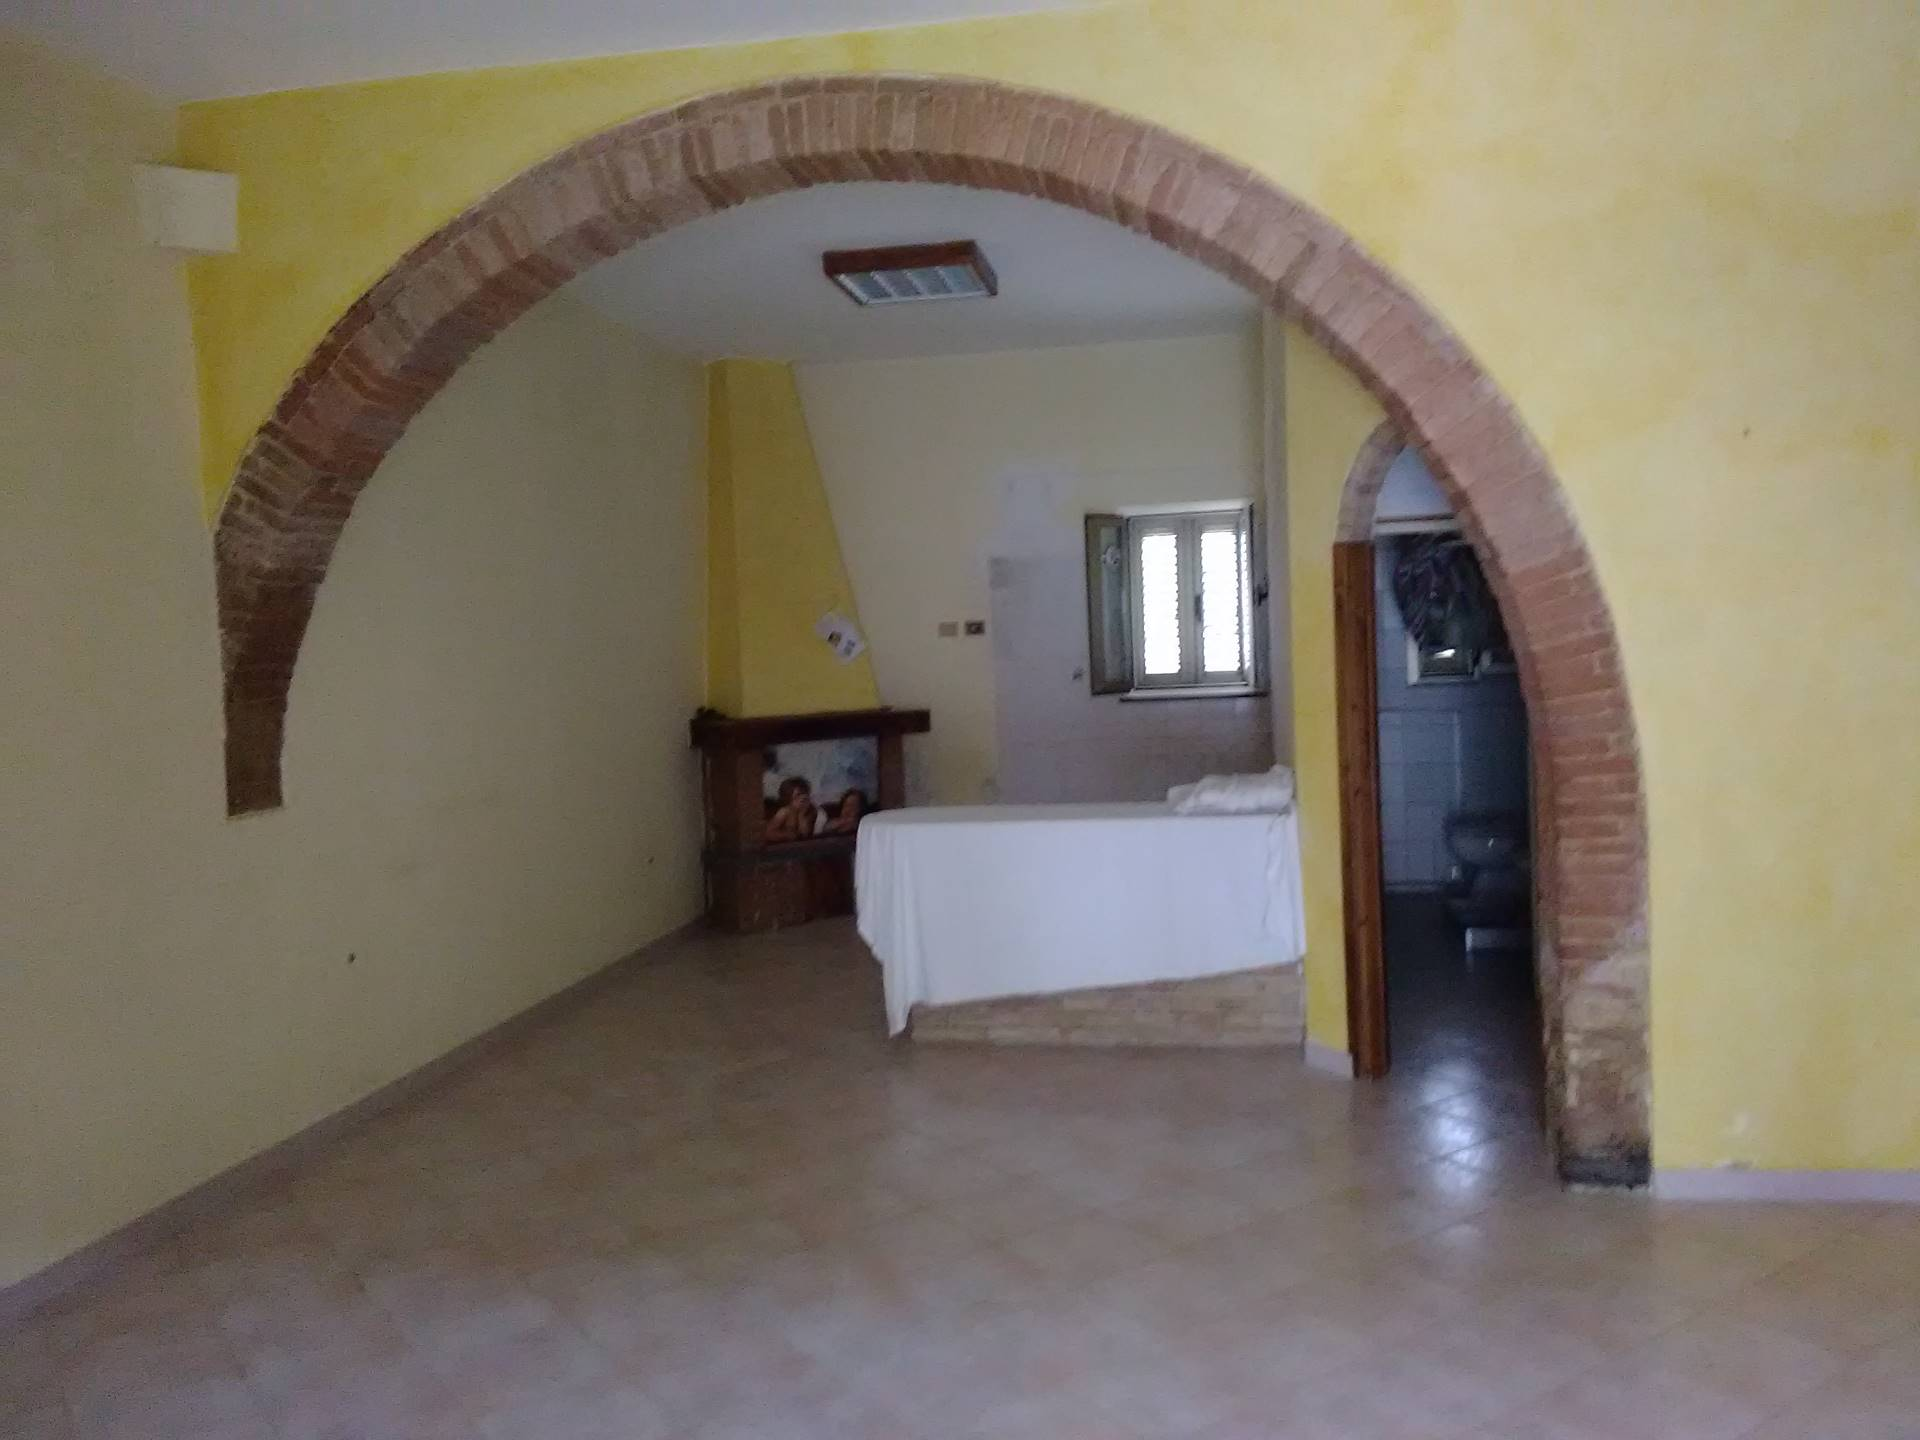 Villa in vendita a Collesalvetti, 6 locali, zona Località: Collesalvetti, prezzo € 280.000 | Cambio Casa.it